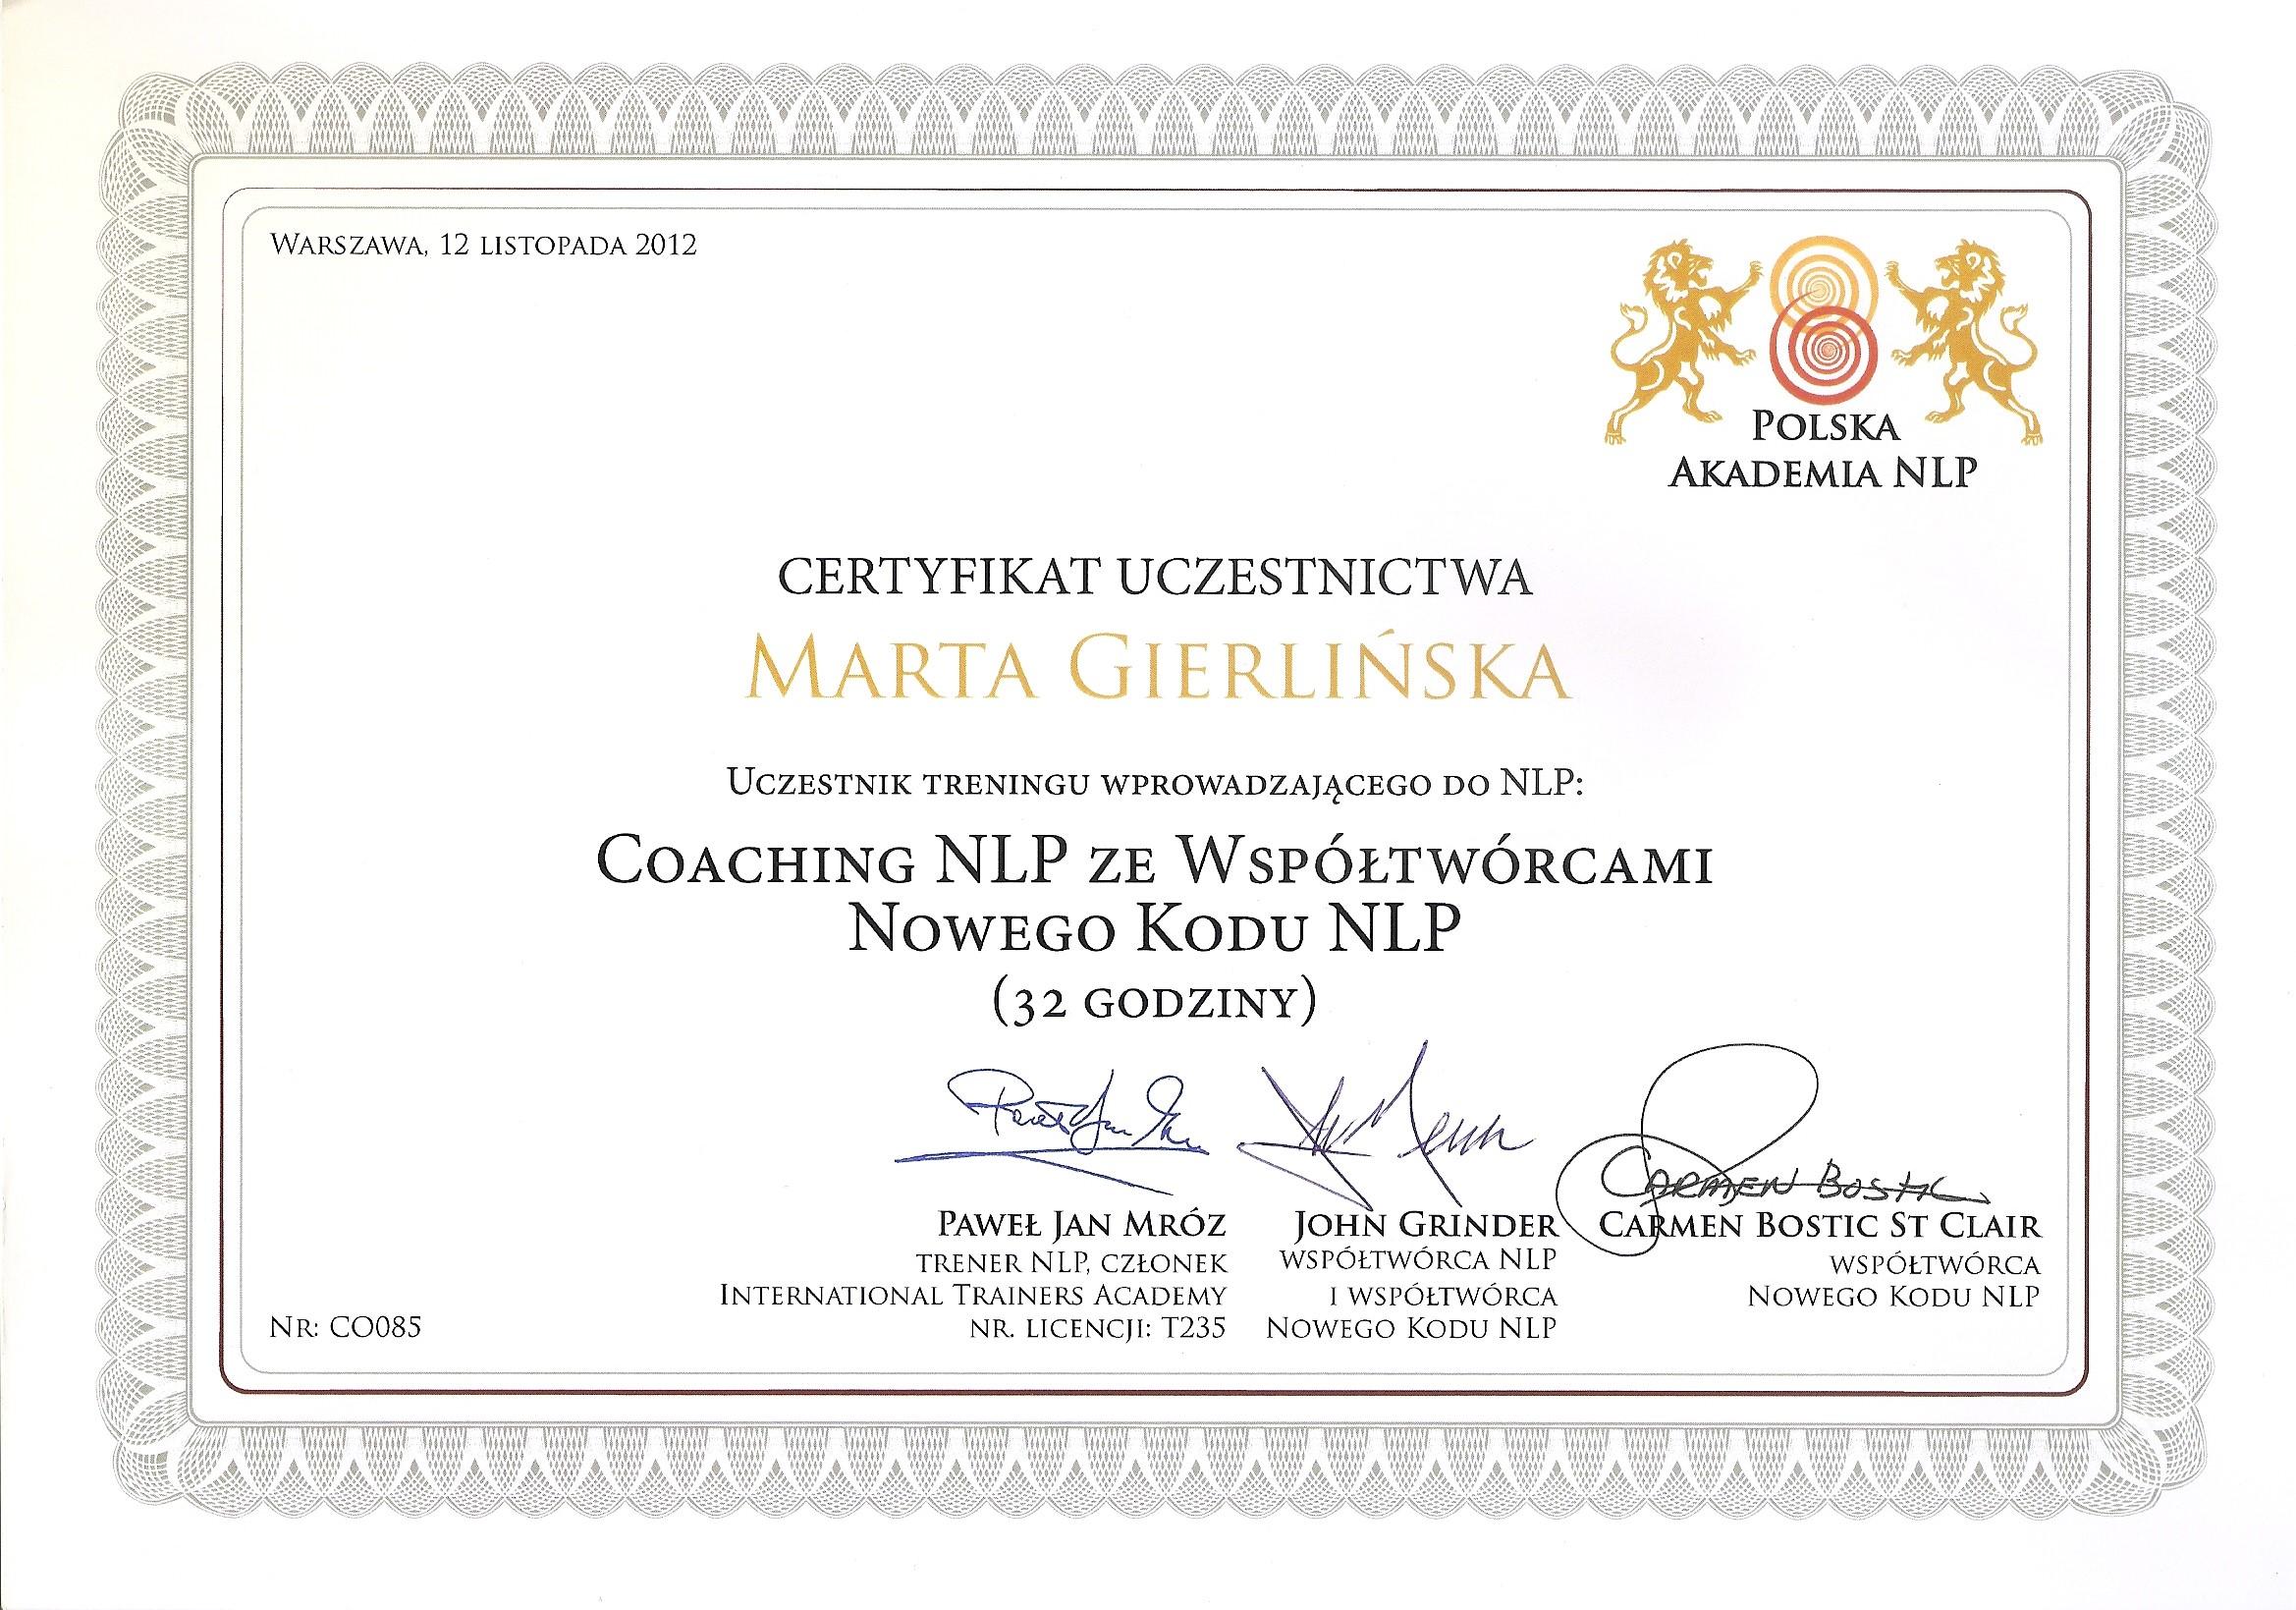 Coaching NLP